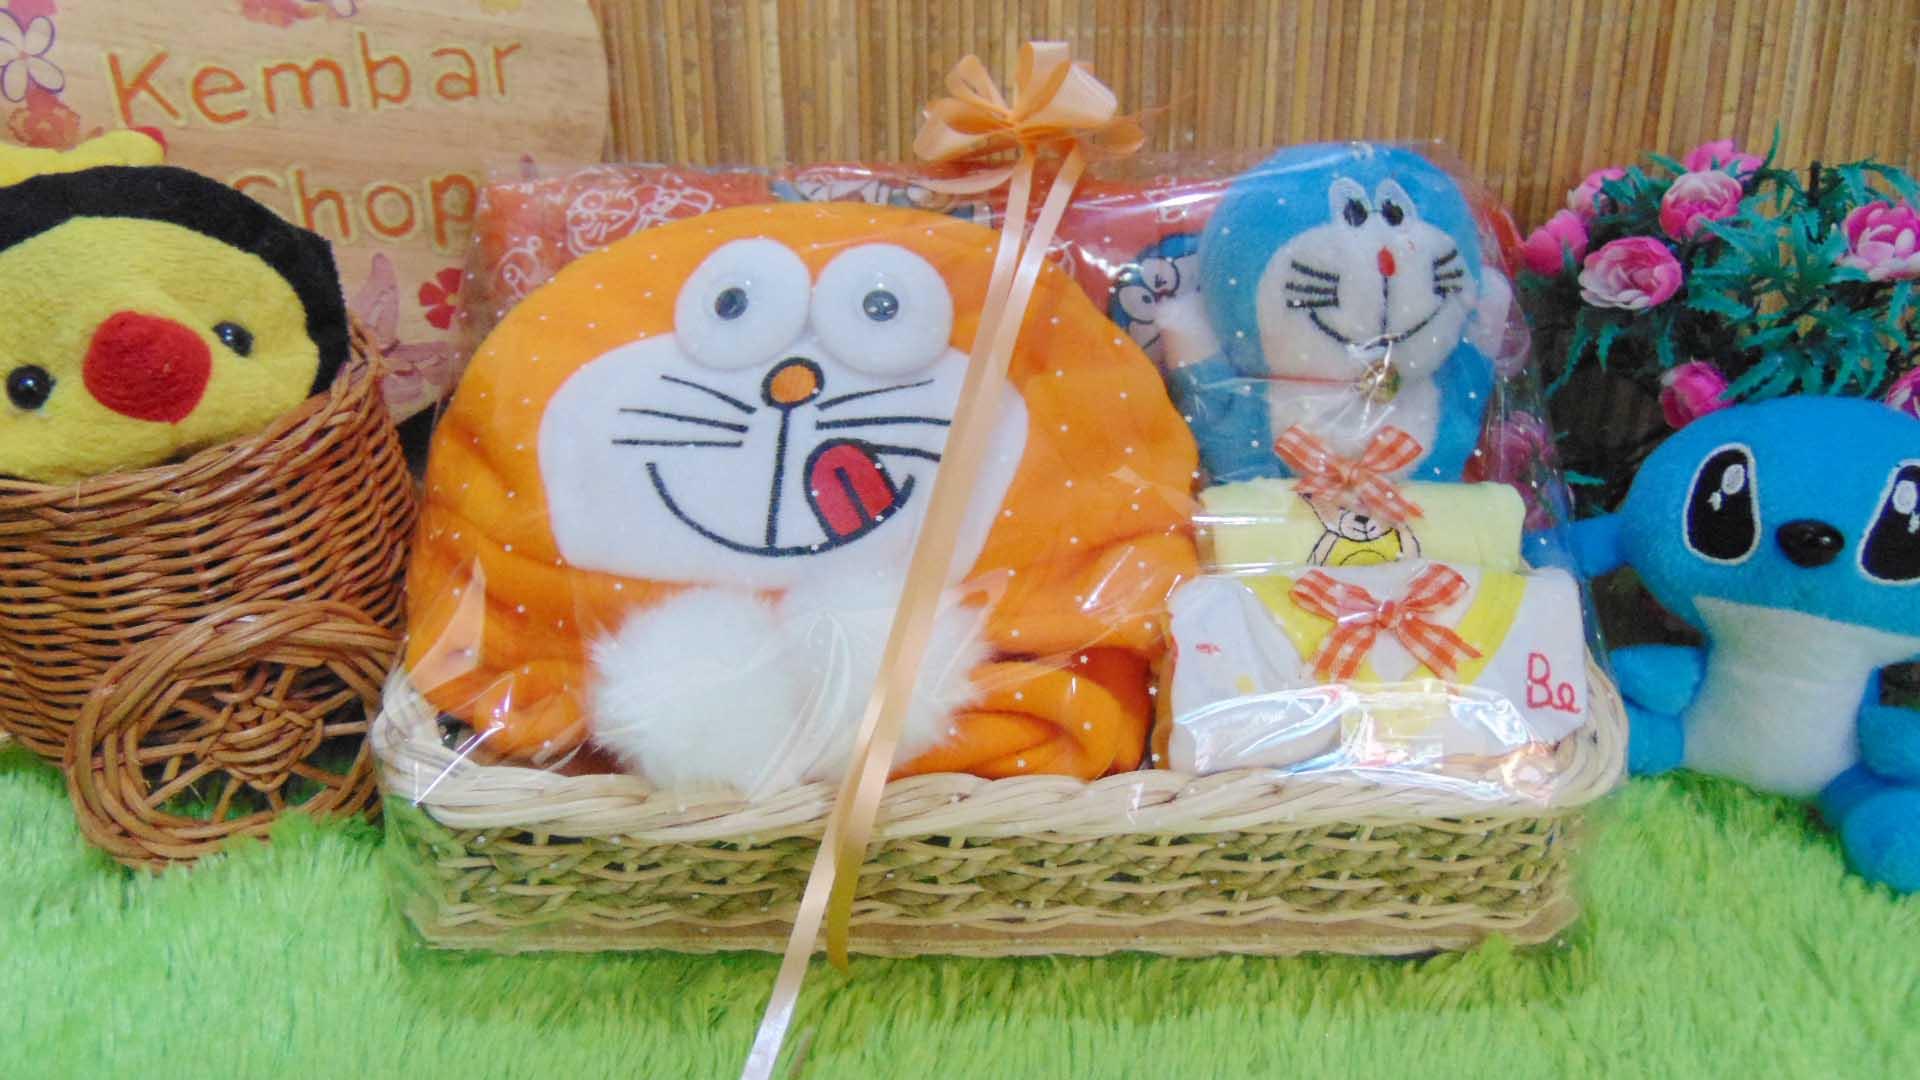 TERLARIS paket kado bayi baby gift parcel bayi parcel kado bayi kado lahiran Spesial Doraemon komplit ANEKA WARNA (2)